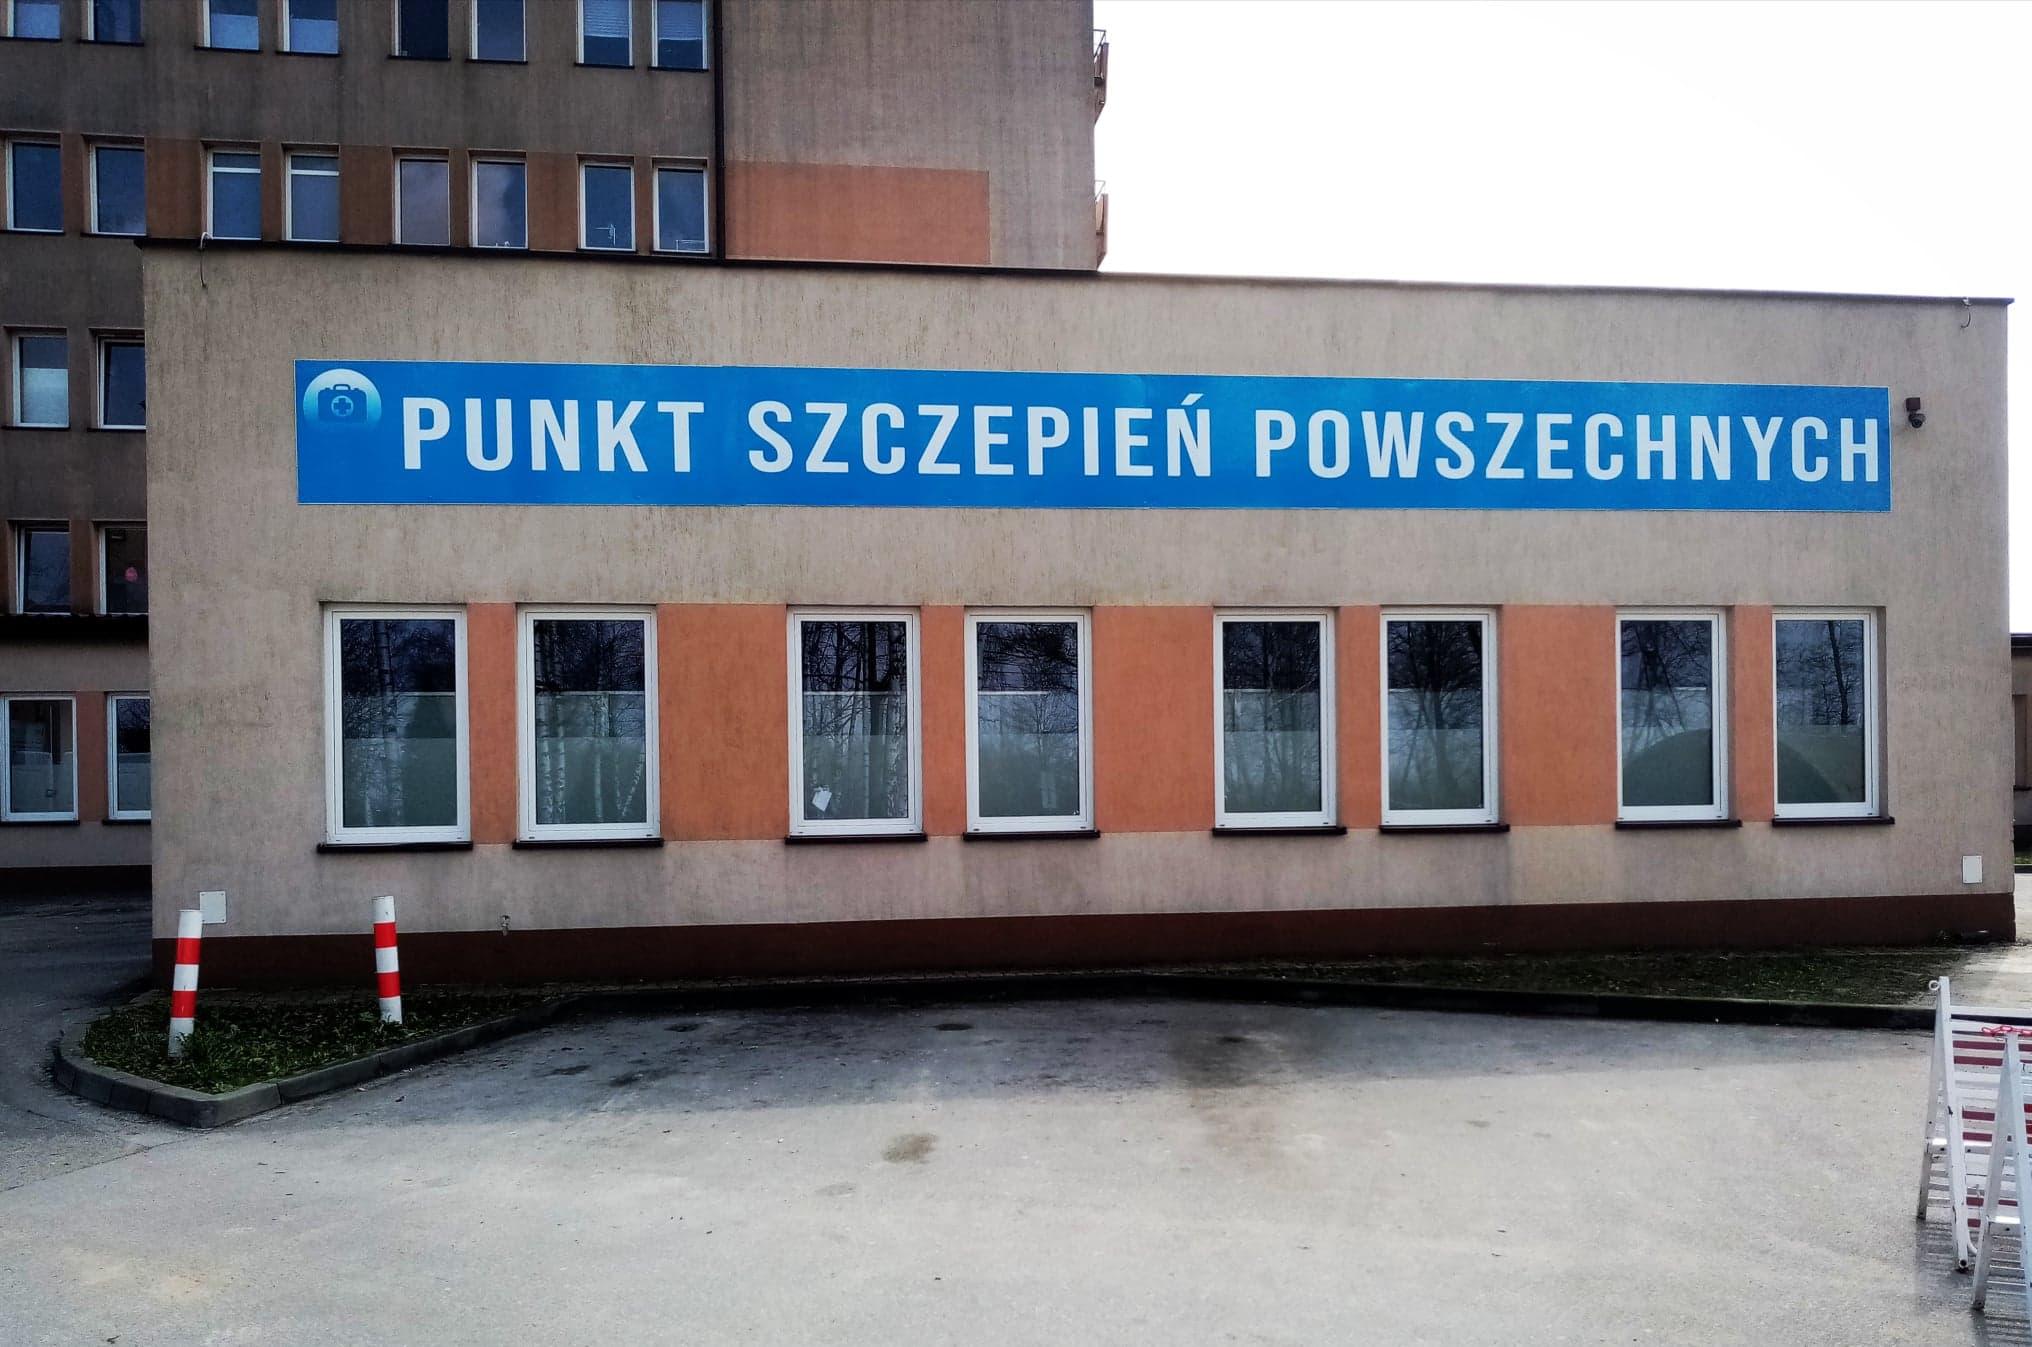 biały naps Punkt Szczepien Powszechnych na niebieskim tle na budynku gdzie znajduje się punkt szczepień